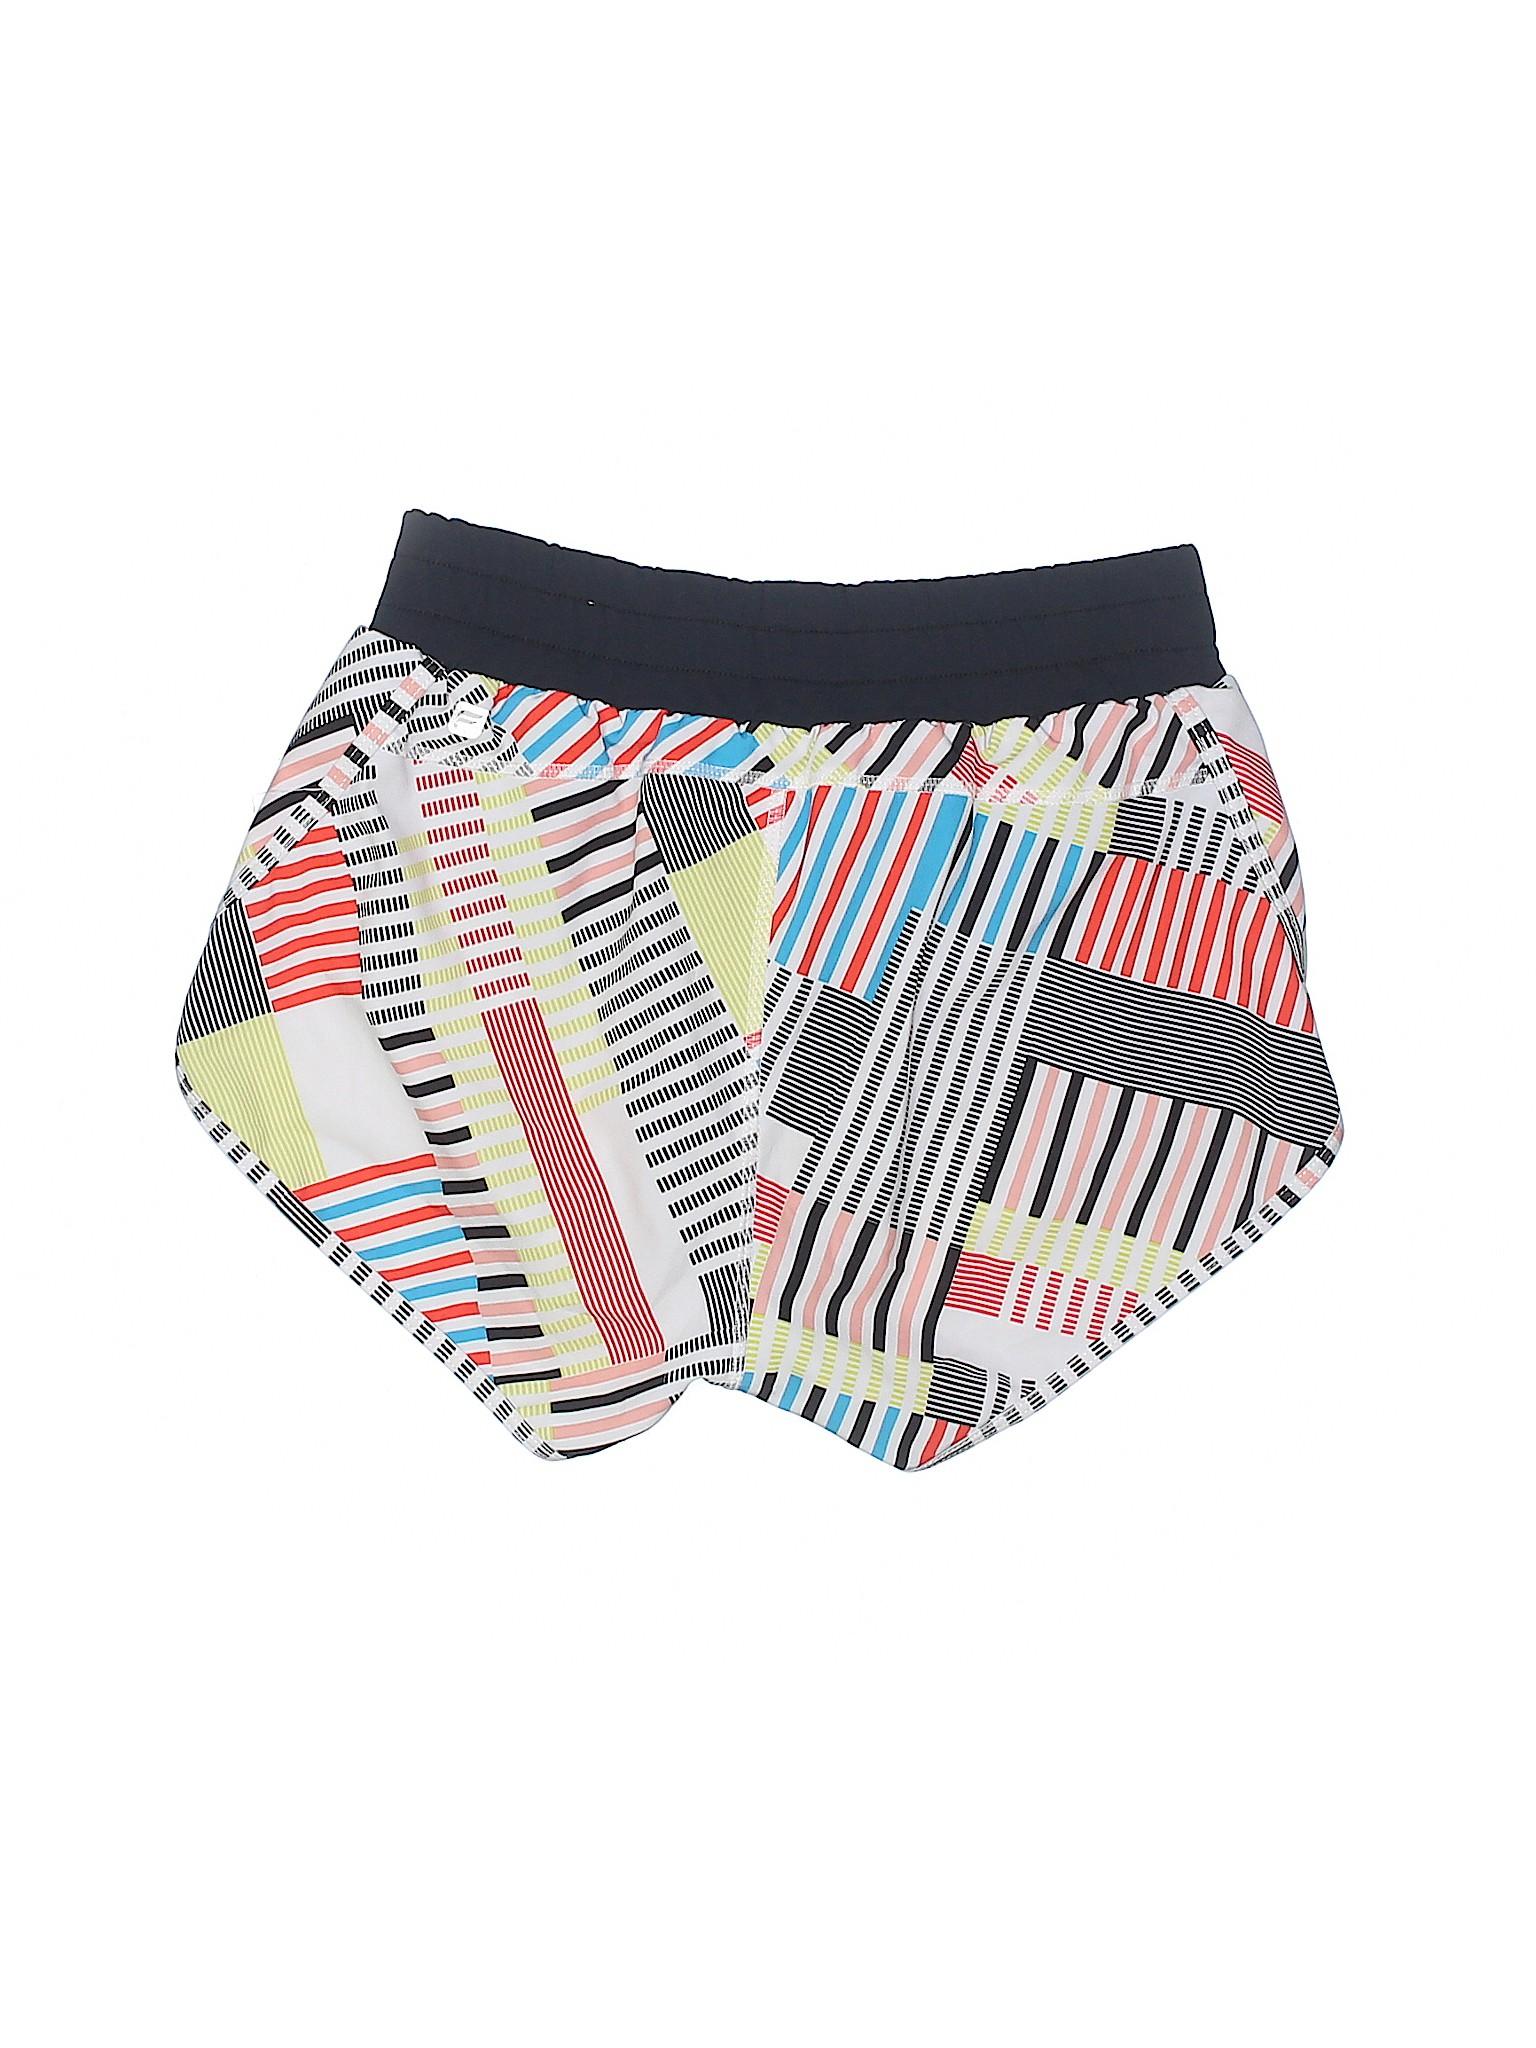 Boutique Boutique Athletic Fabletics Athletic Fabletics Fabletics Shorts Fabletics Shorts Boutique Shorts Athletic Athletic Boutique vnvp7F